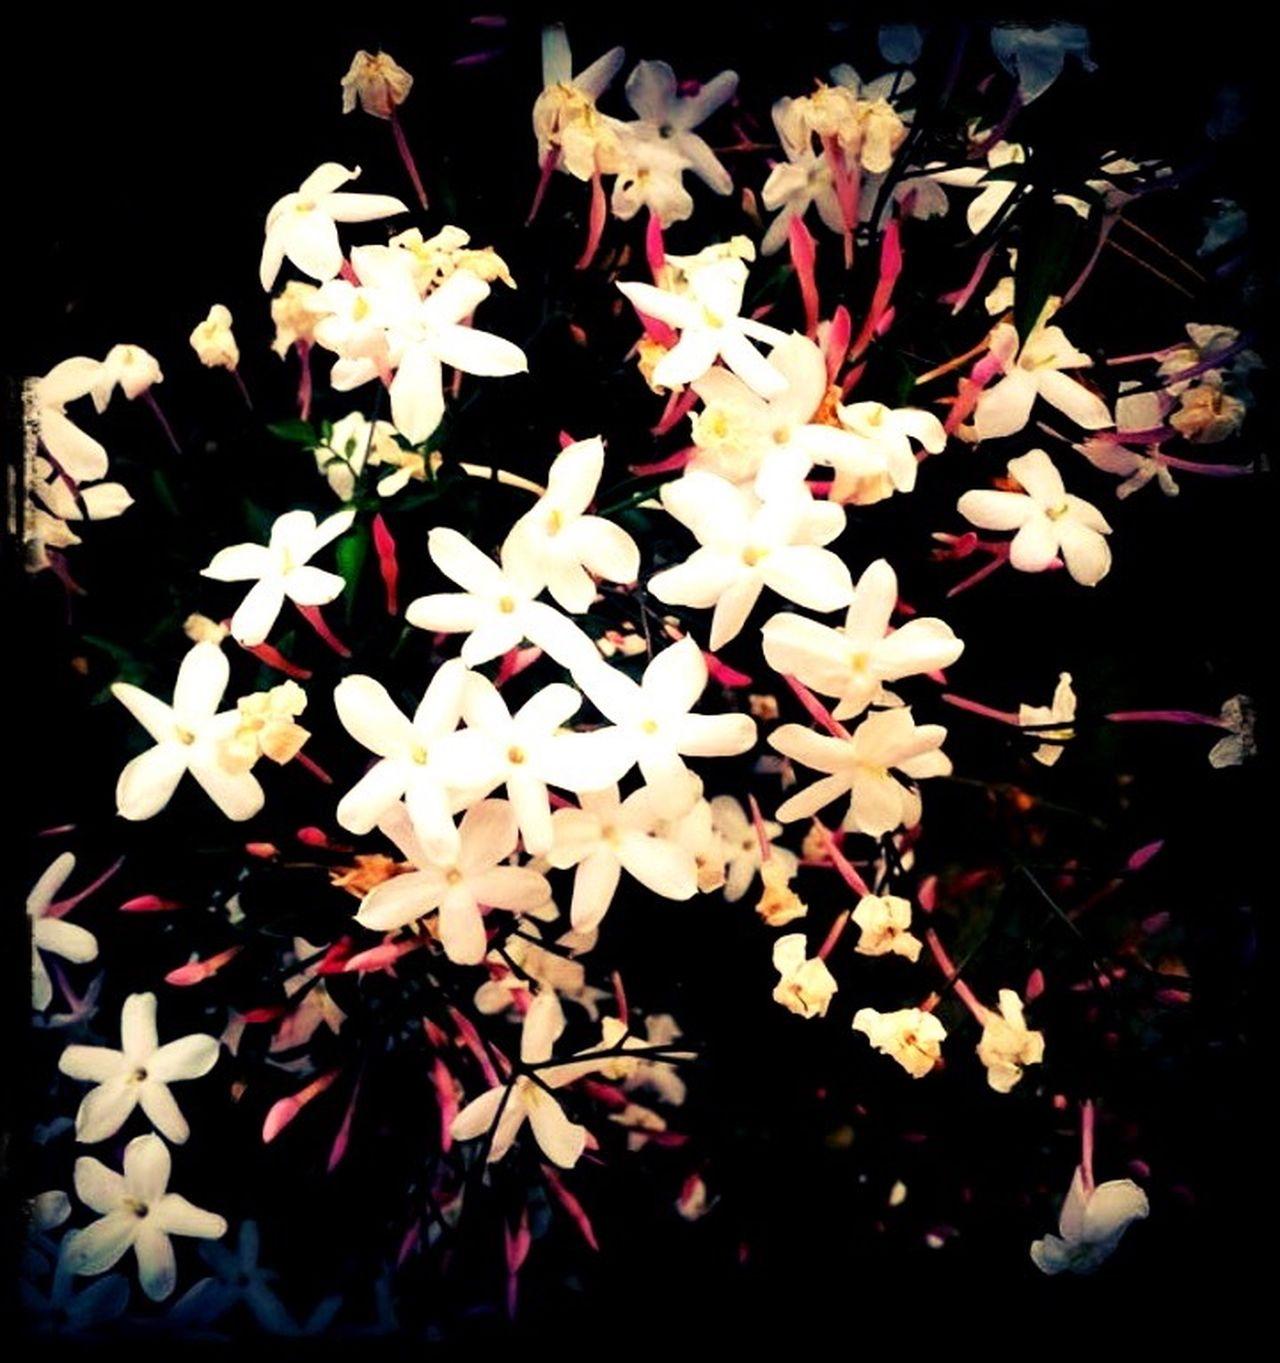 Fragrant Jasmine Sweet Smell White Flowers